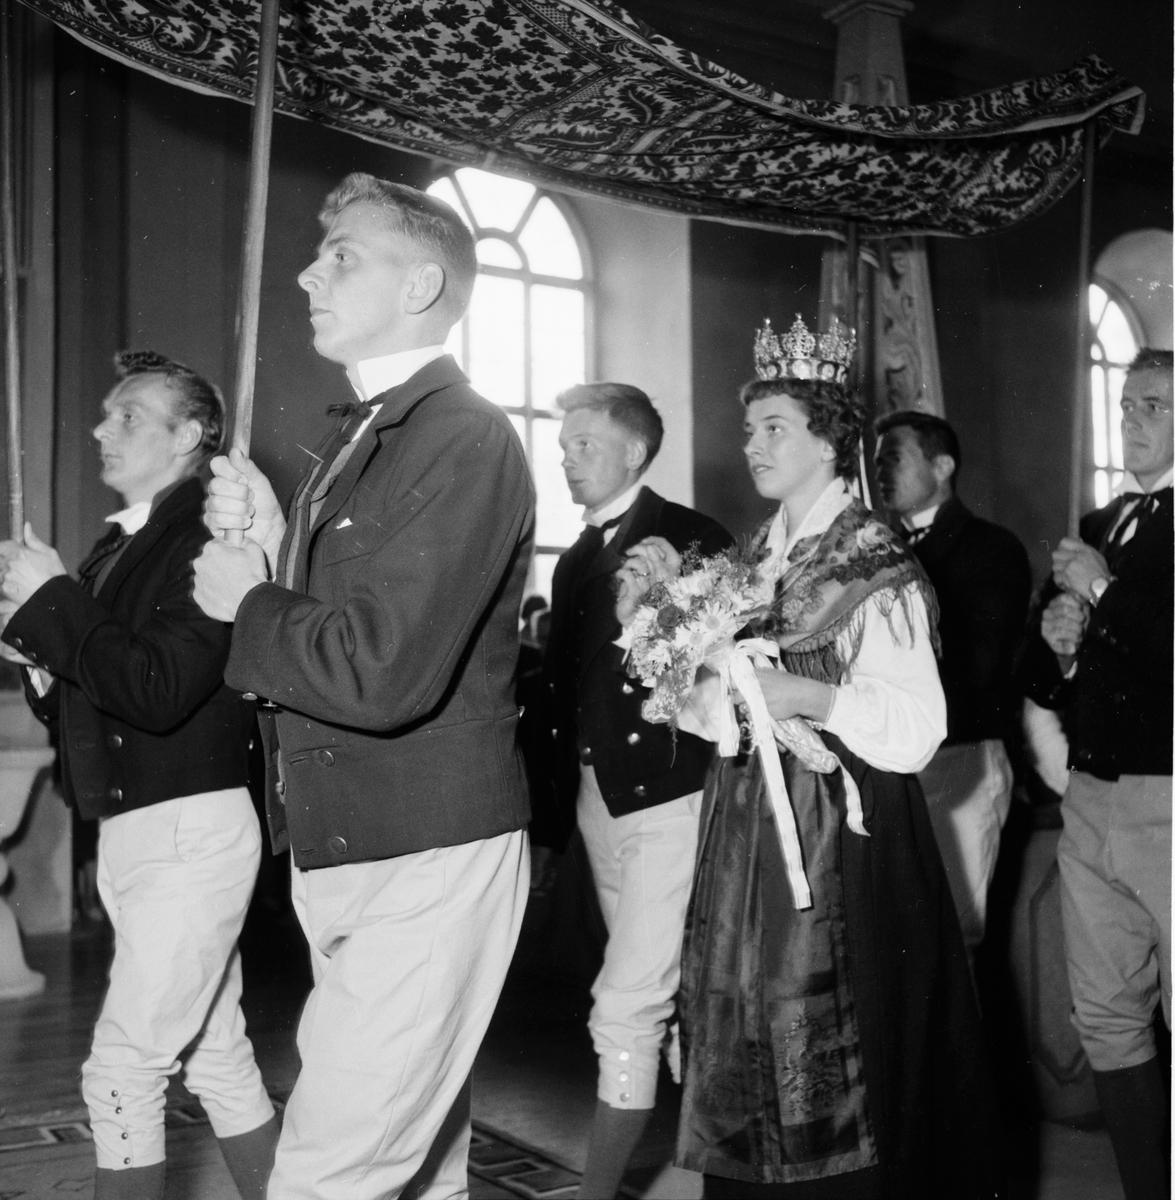 Kyrka och kyrkbröllp. 3/8 1958